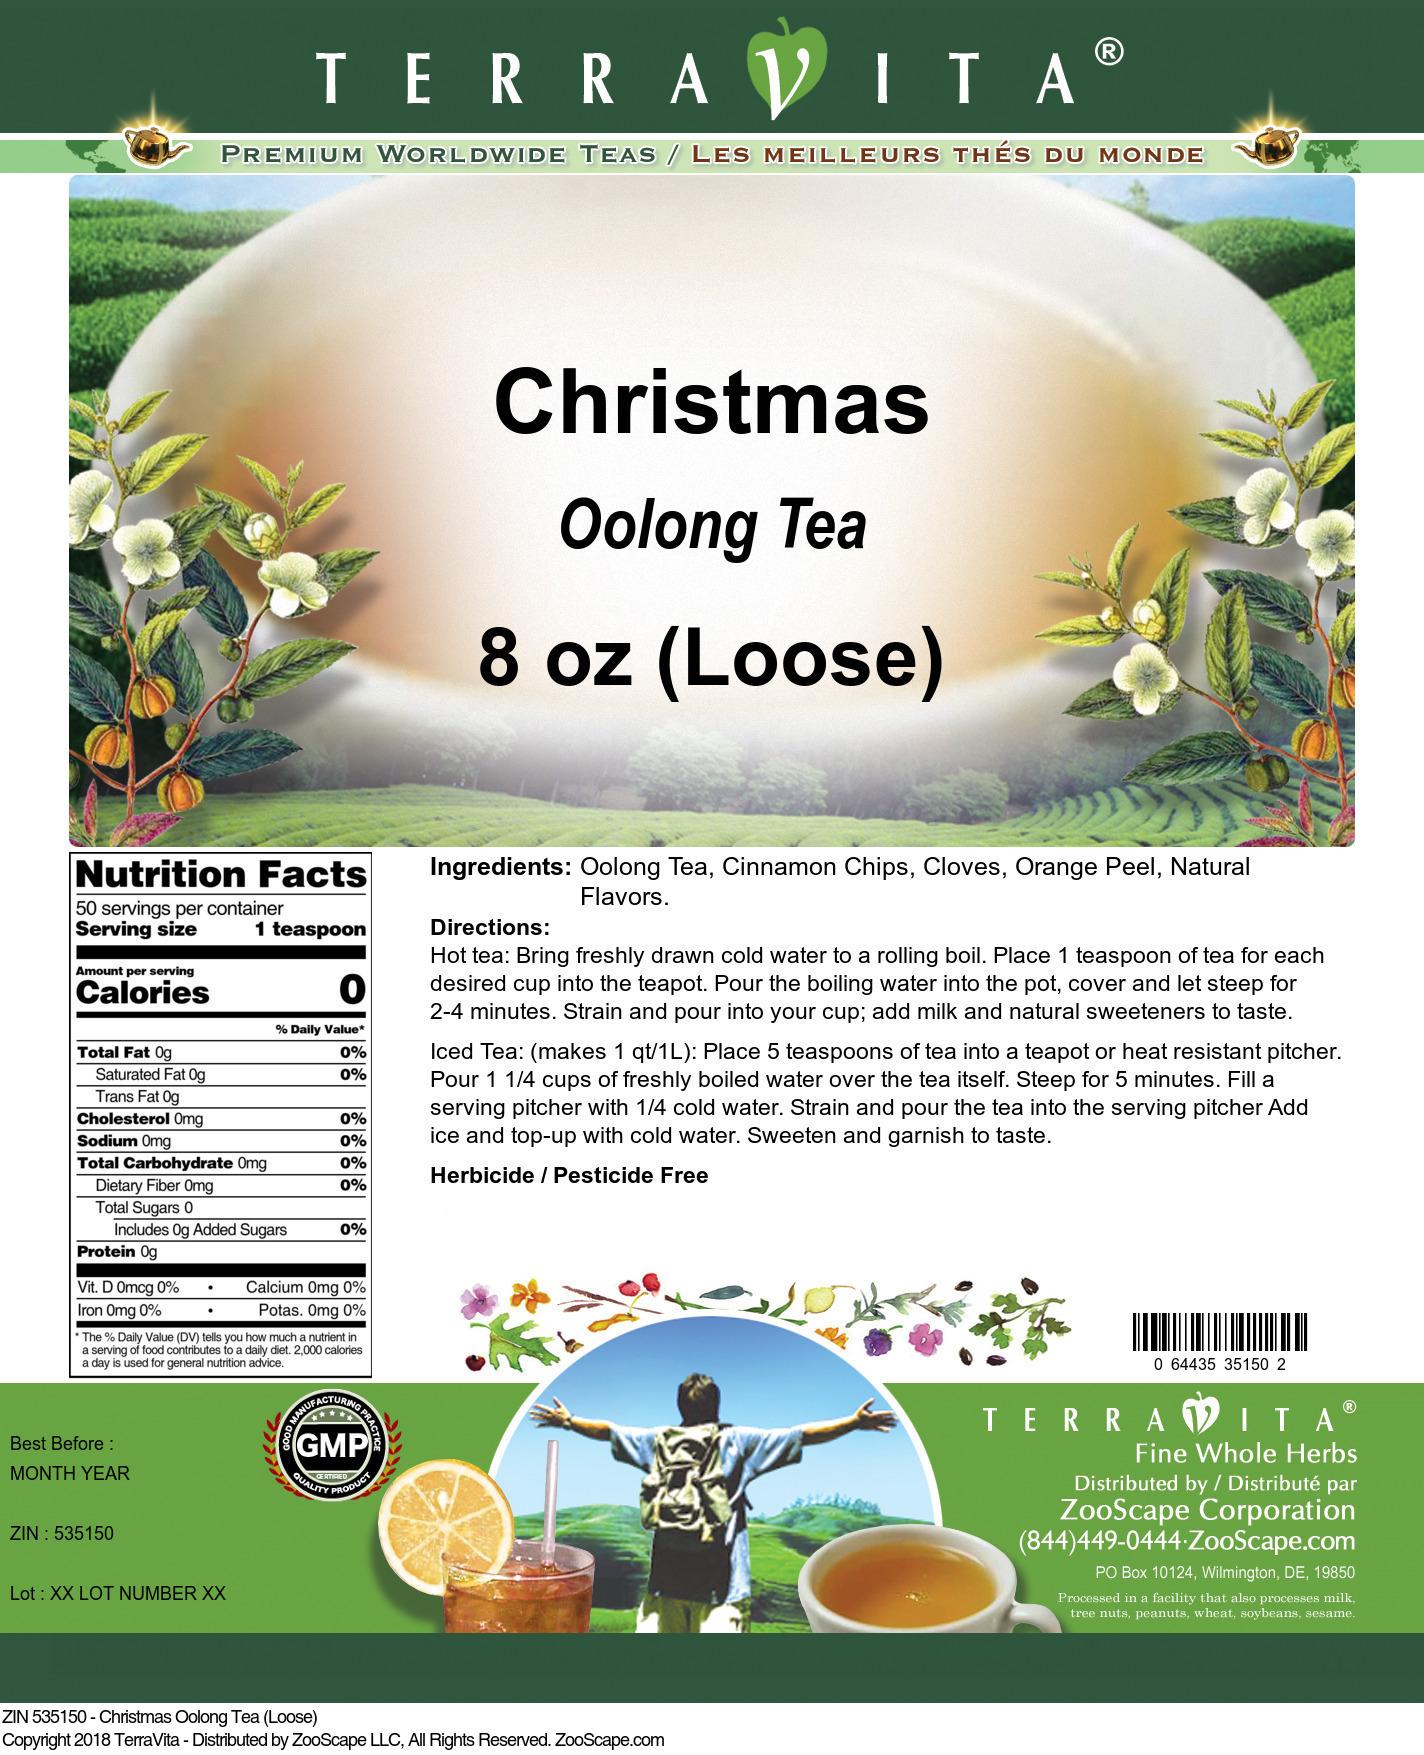 Christmas Oolong Tea